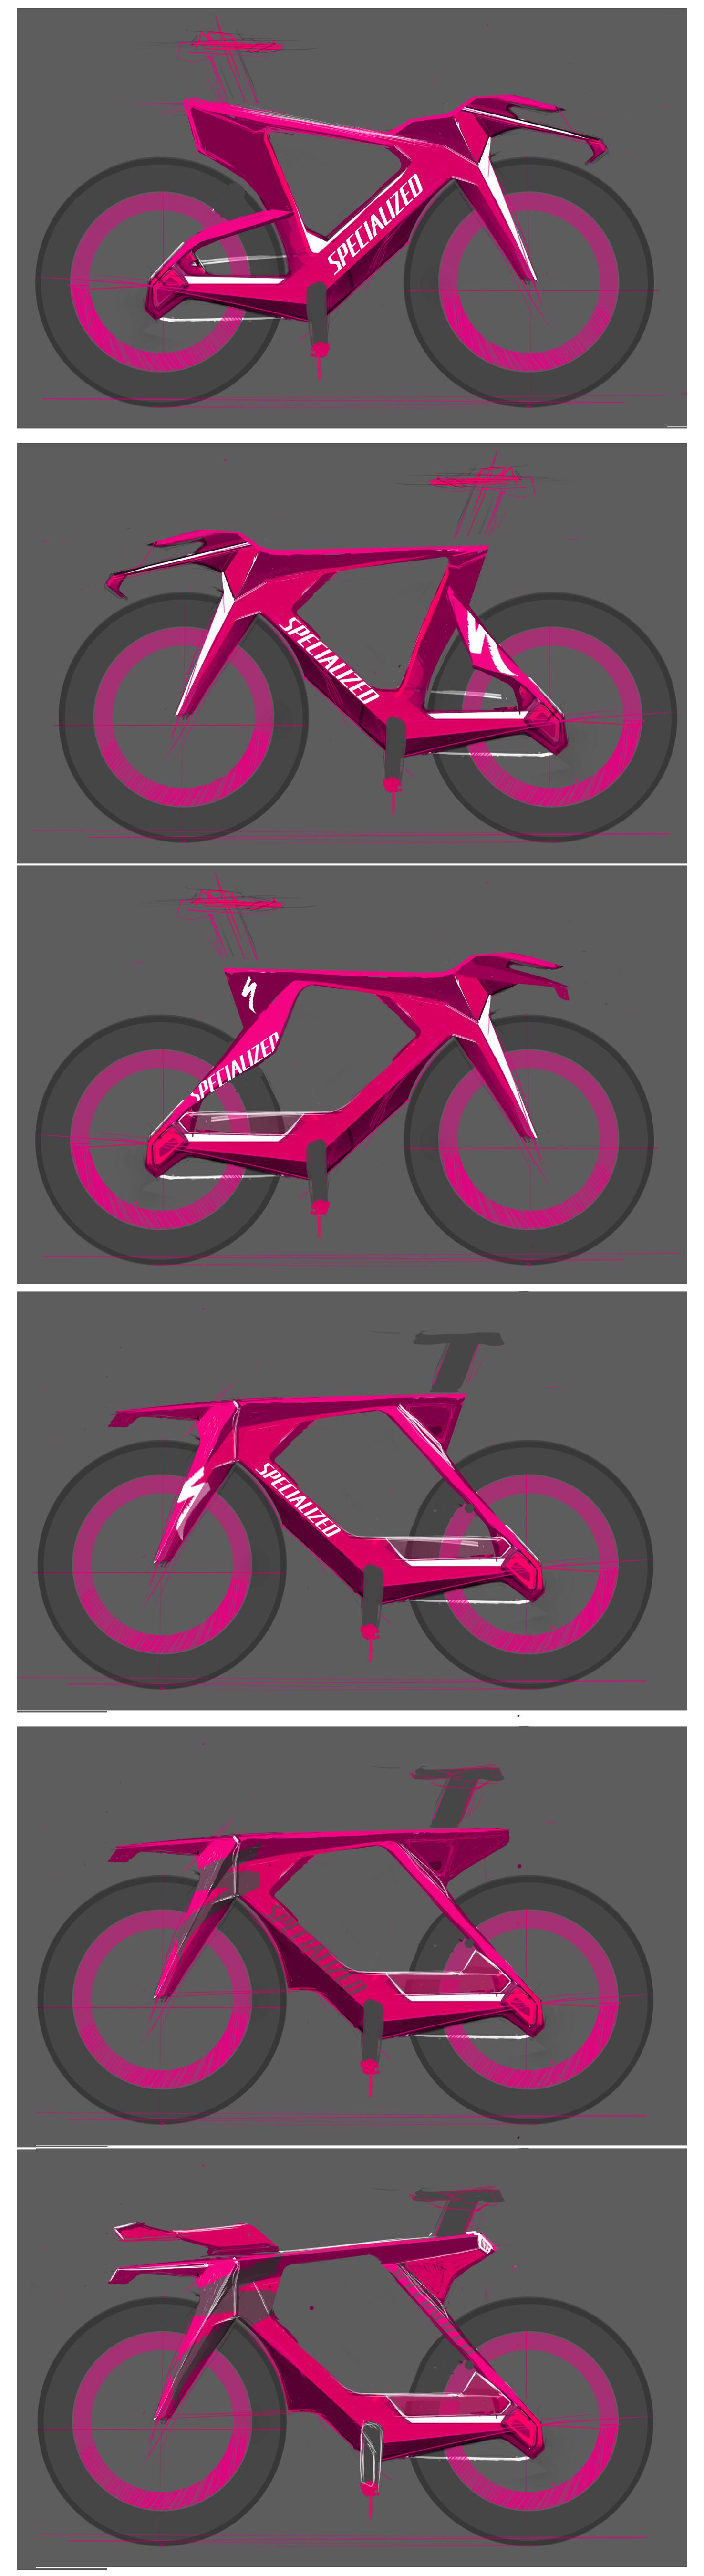 Фото картинки - Макет (розовый) велосипеда SPECIALIZED по дизайну PARADOX